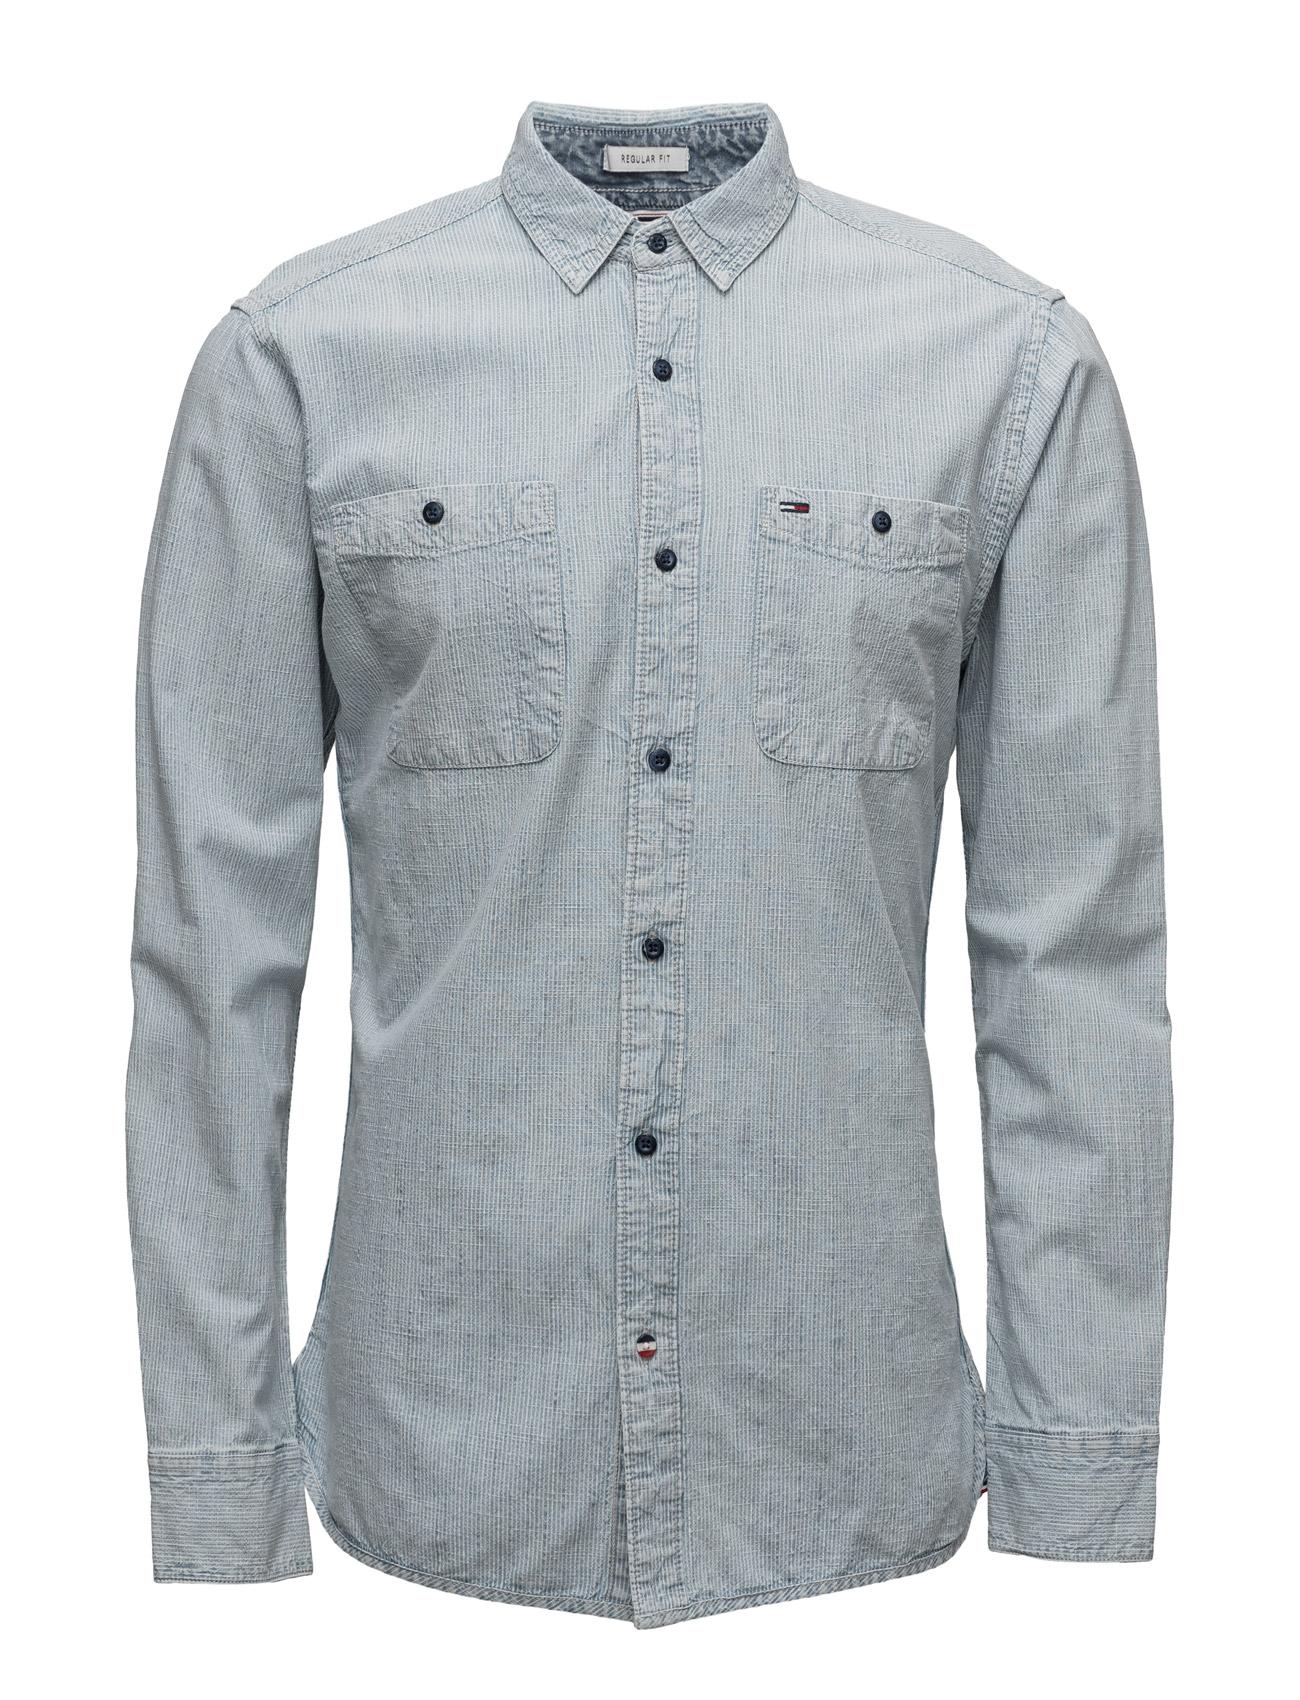 Thdm Indigo  Stripe Shirt L/S 33 Hilfiger Denim Trøjer til Mænd i